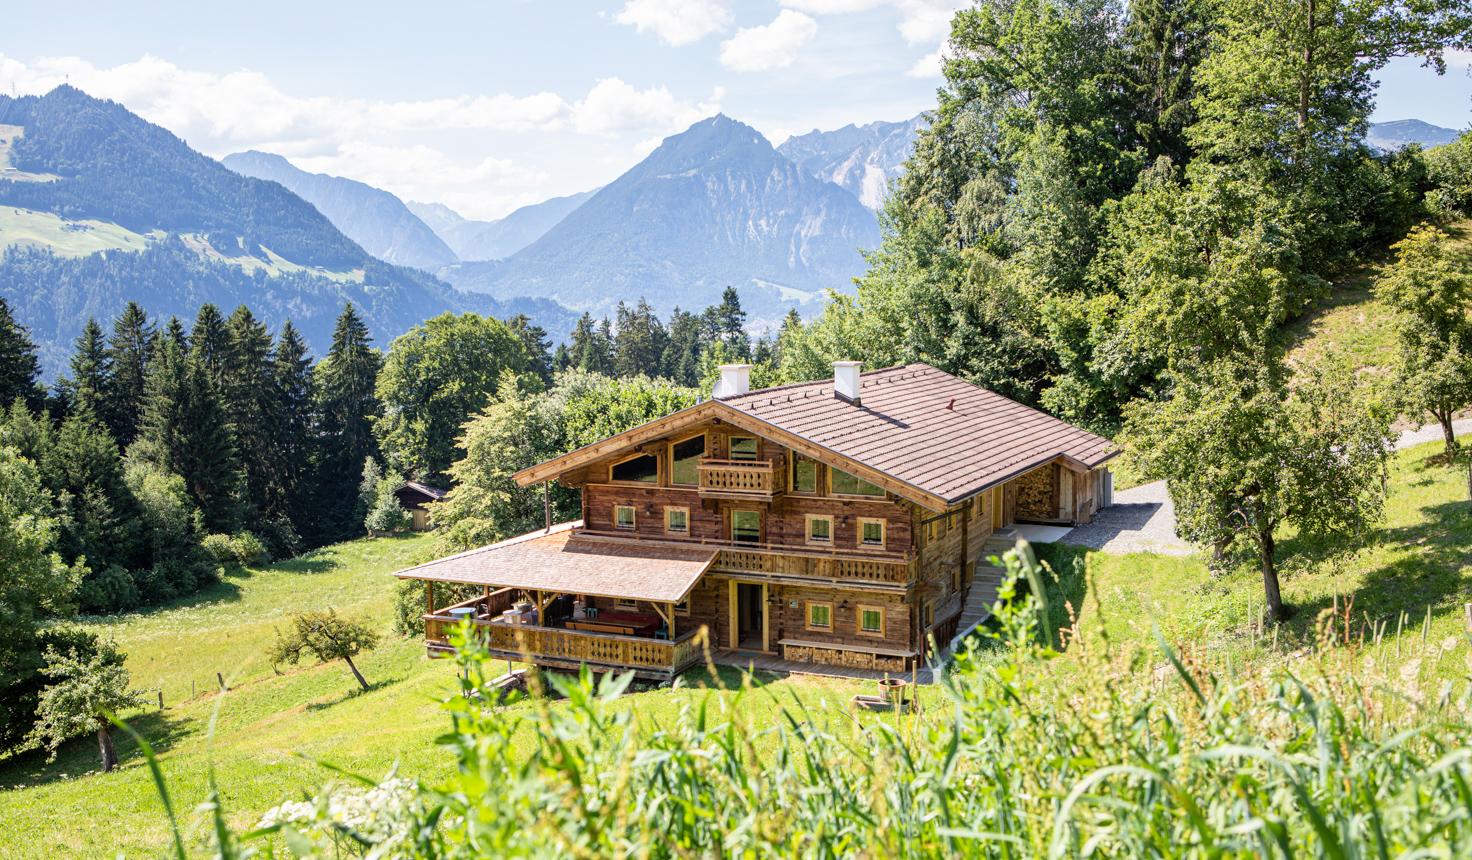 Ferienhaus Brandleit in Österreich-2